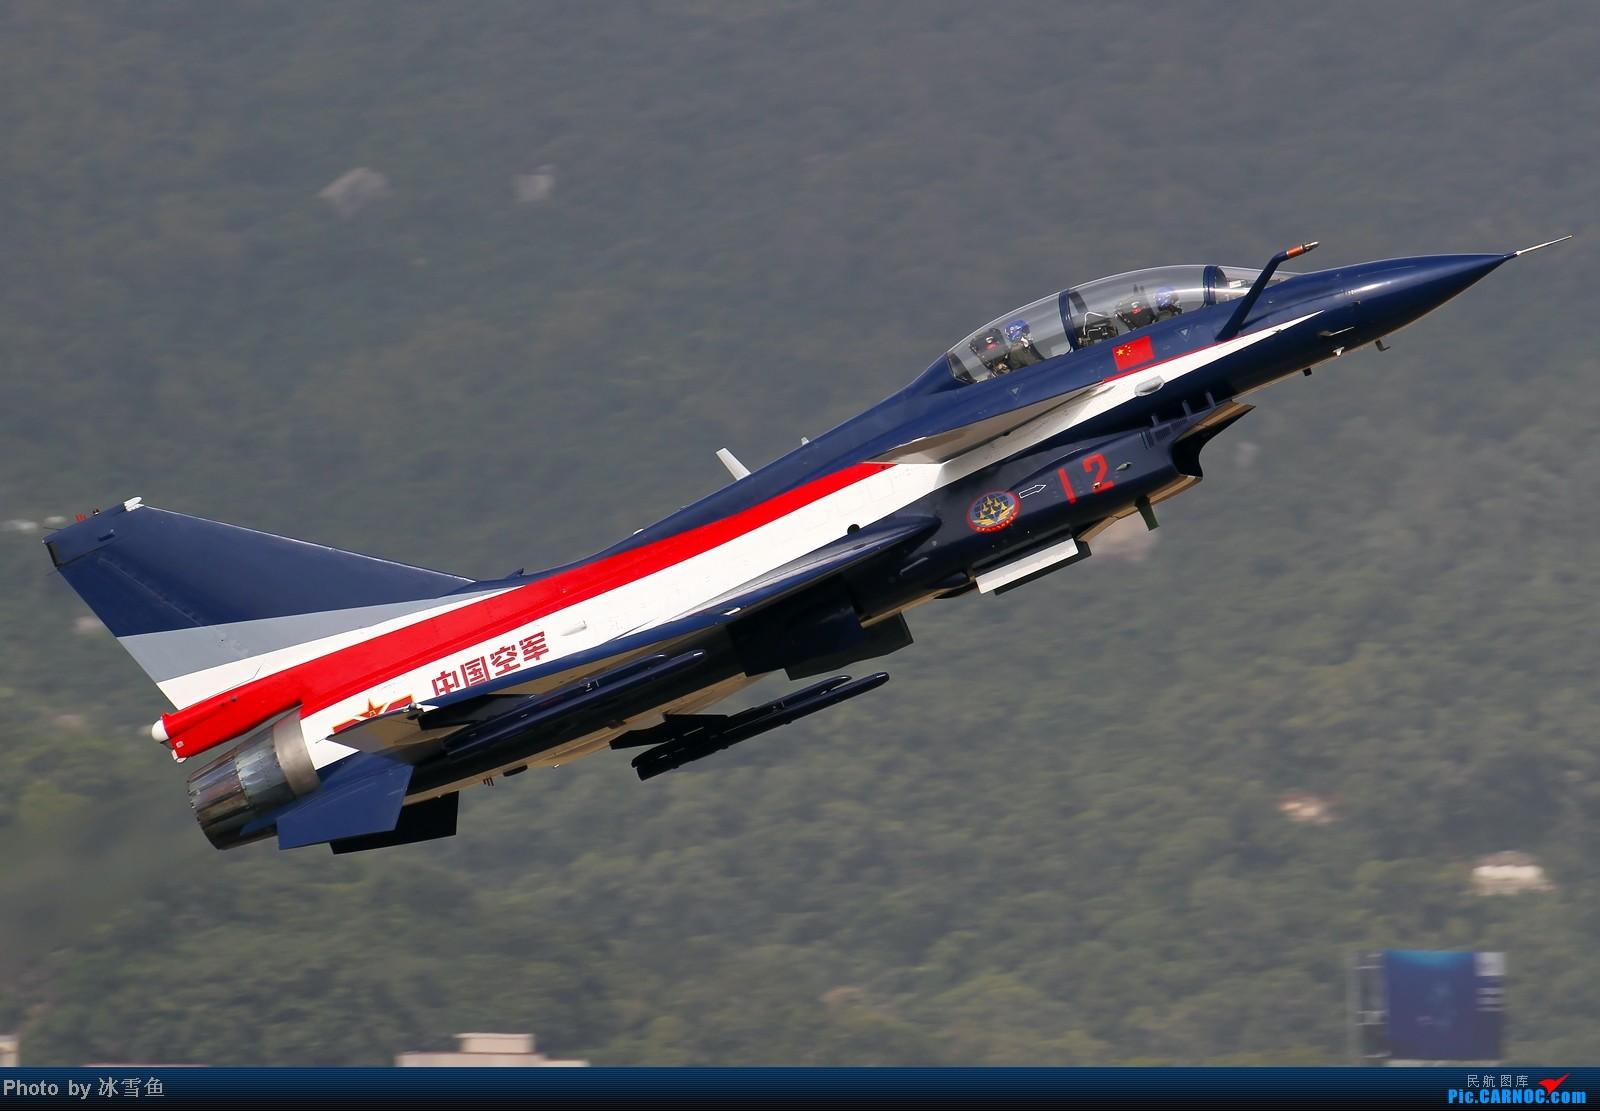 [原创]【BLDDQ】珠海航展,八一表演队一组(附赠WZ10) 歼-10SY 12 中国珠海三灶机场